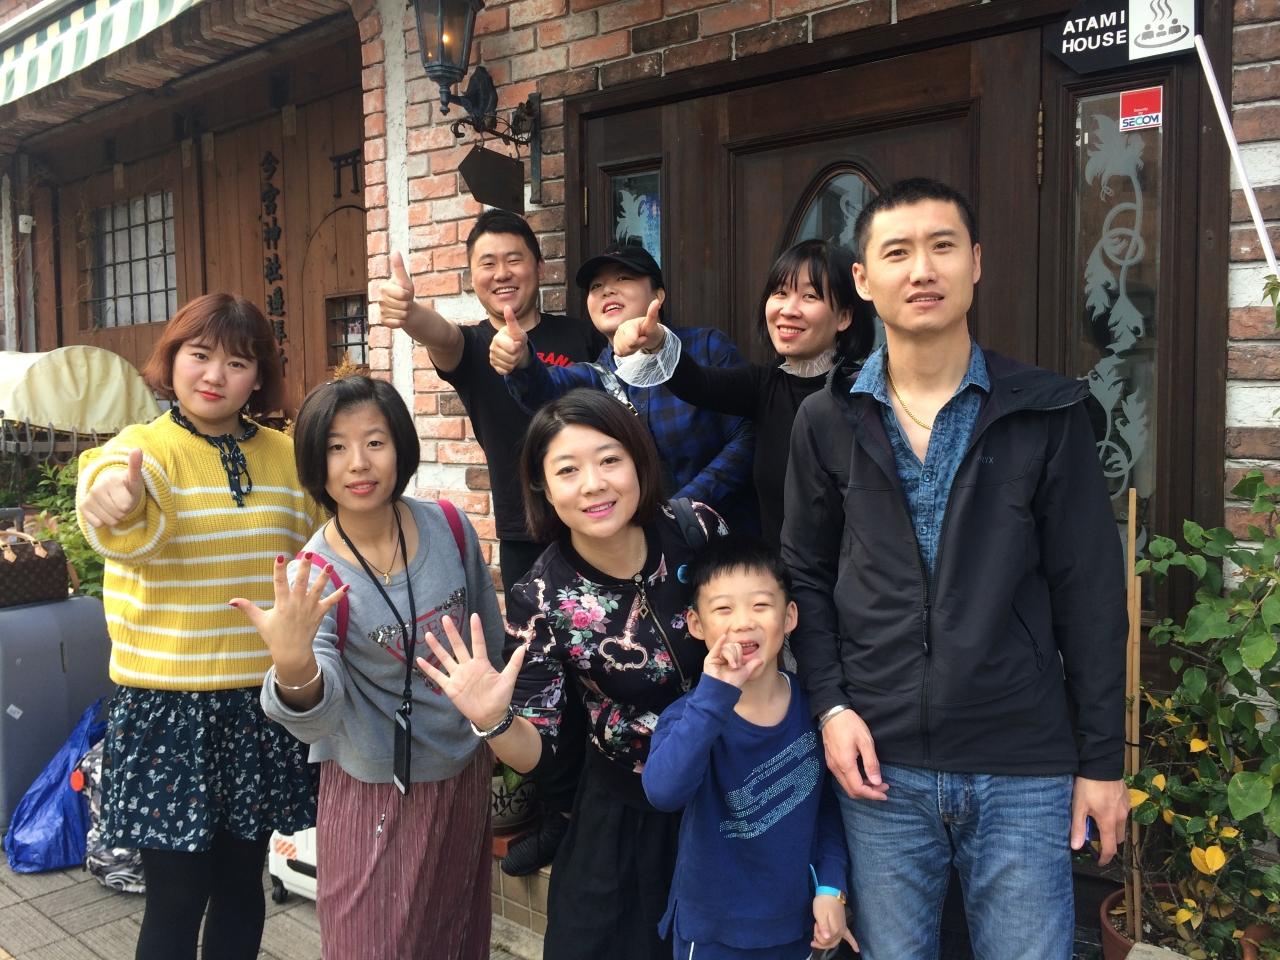 中国から3家族一緒に遊びに来ました